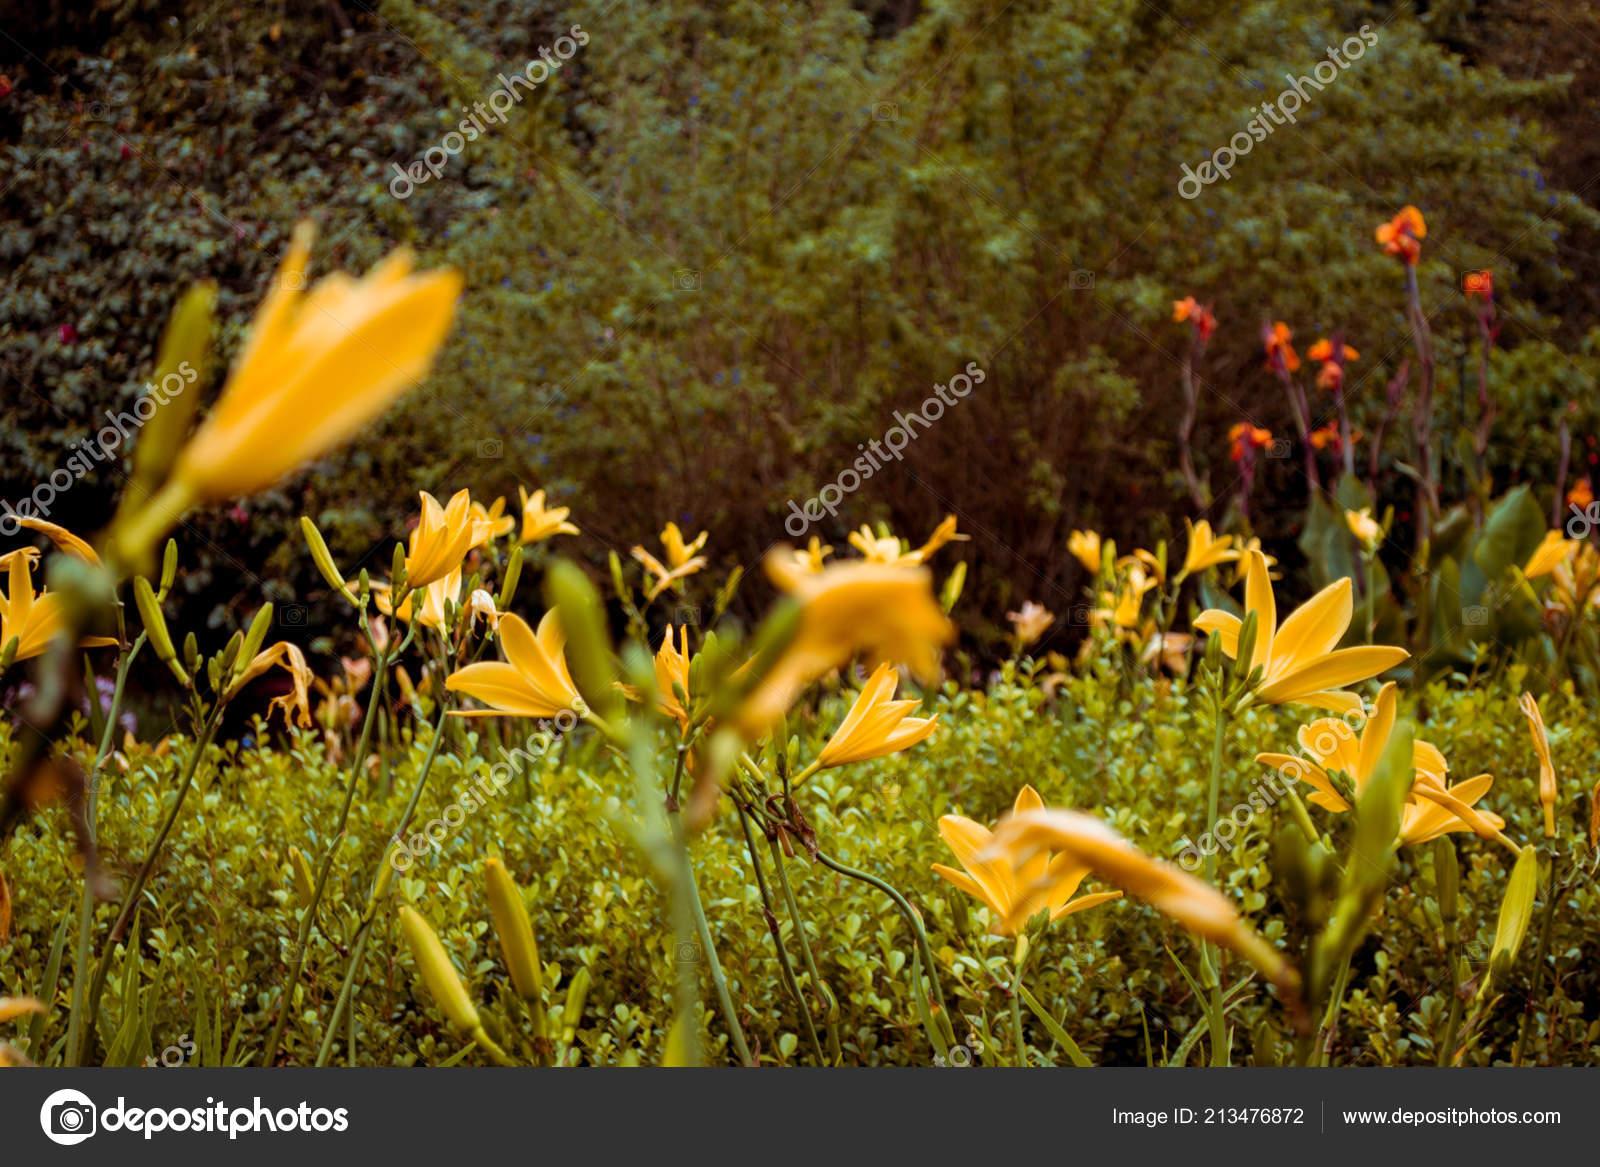 Hermoso Campo Flores Amarillas Primer Plano Fondo Pueden Ver